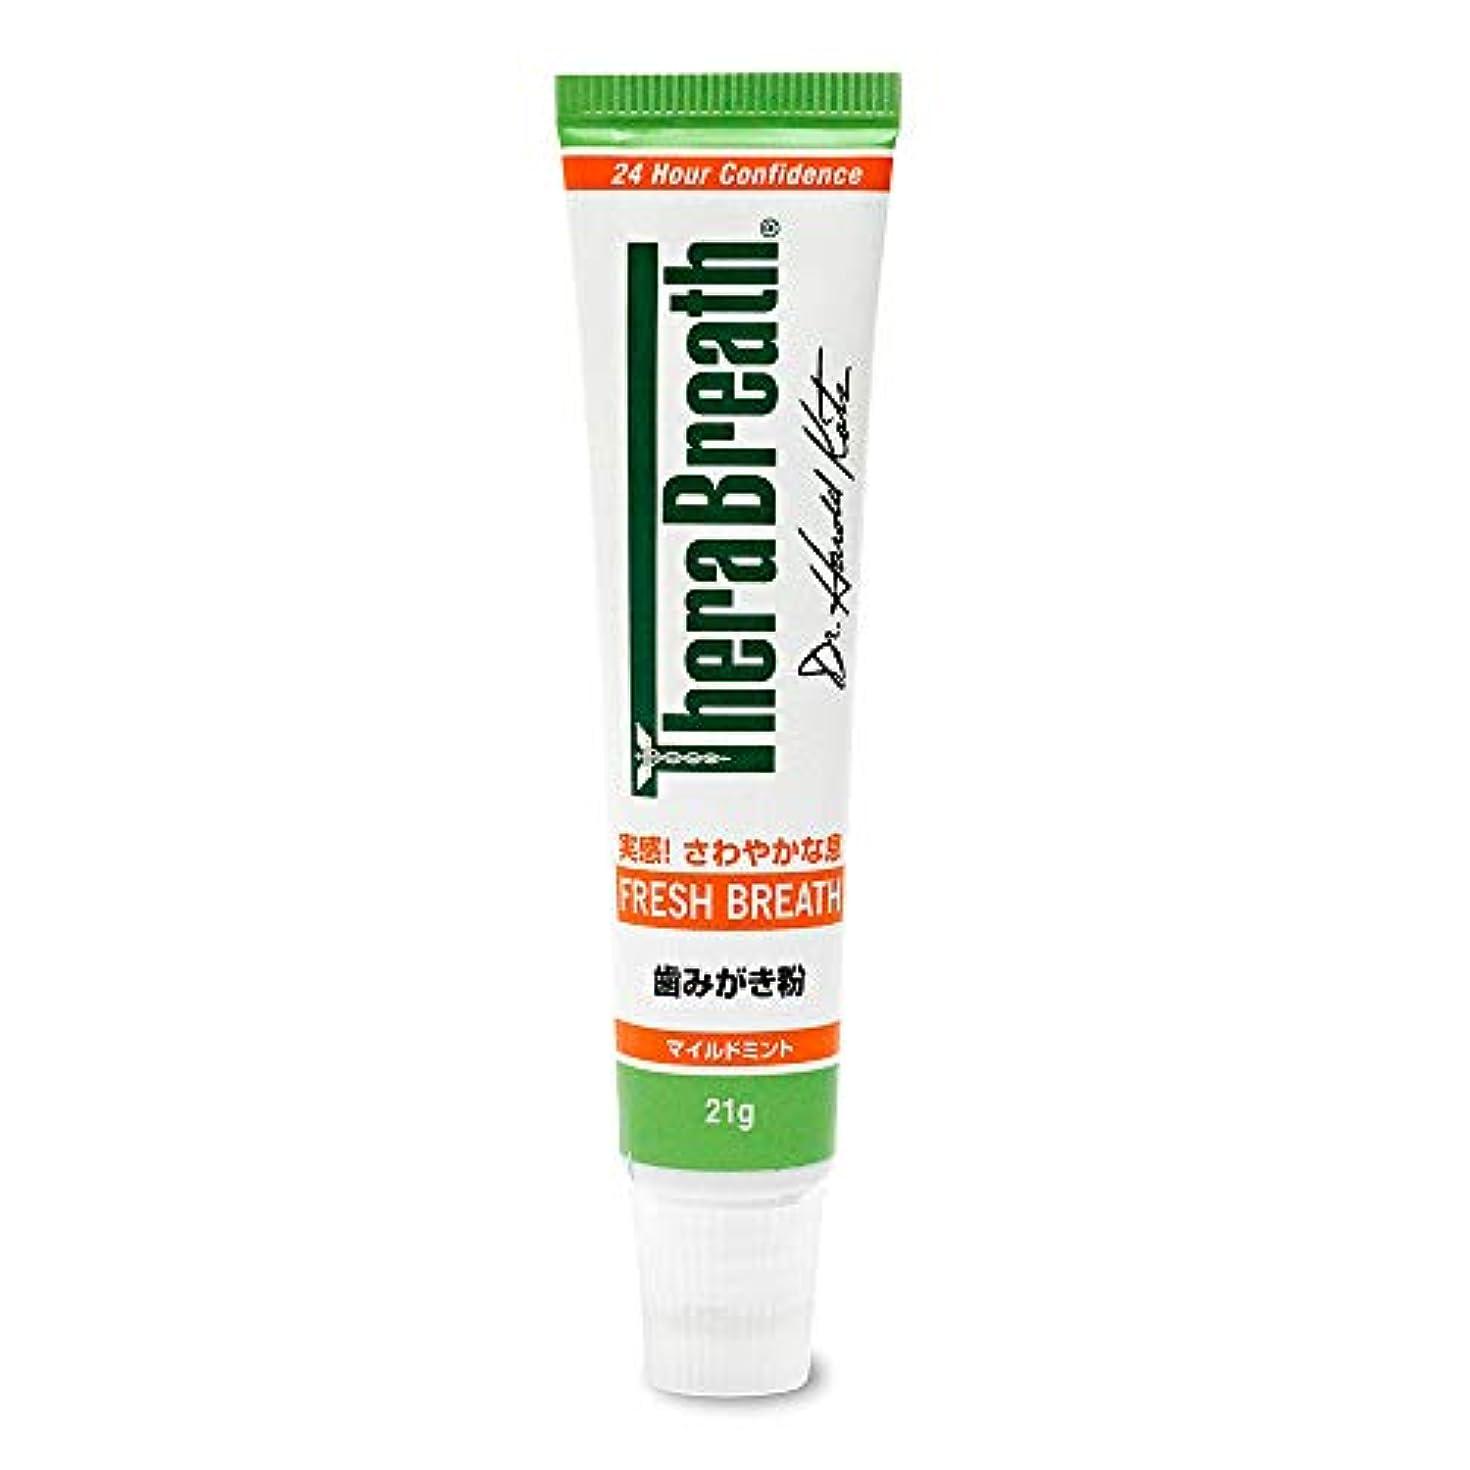 例裁定耐えられないTheraBreath (セラブレス) セラブレス トゥースジェル ミニサイズ 21g (正規輸入品) 舌磨き